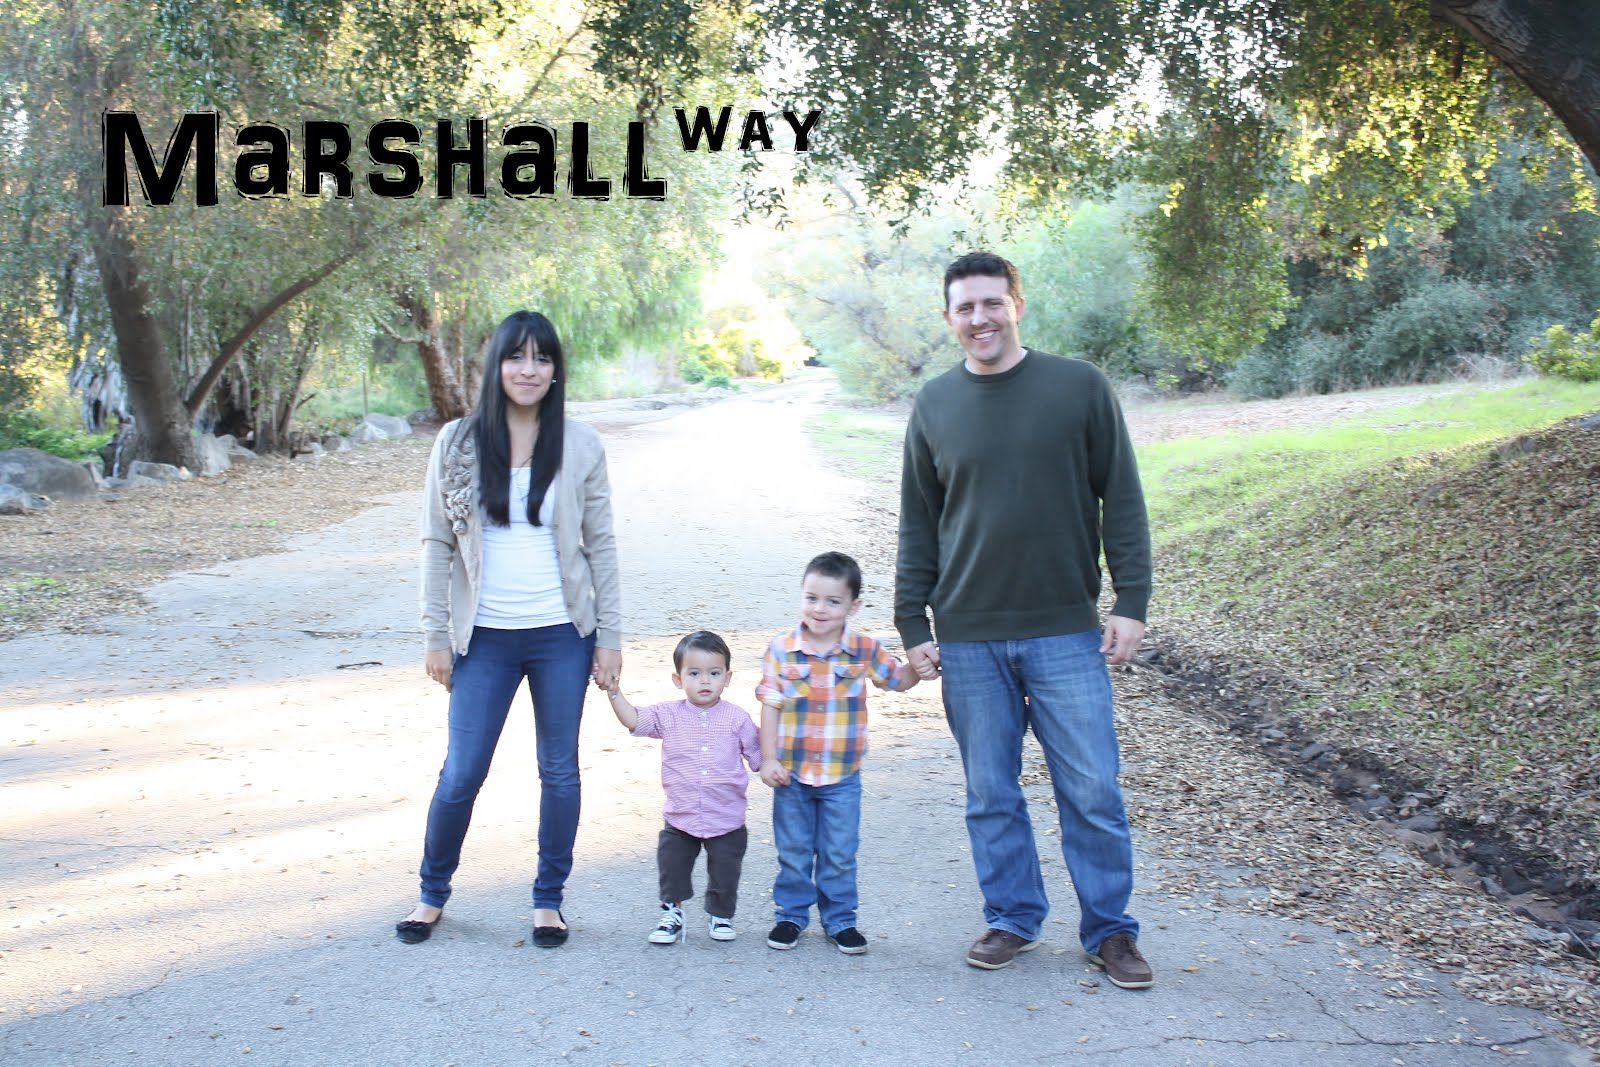 Marshall Way